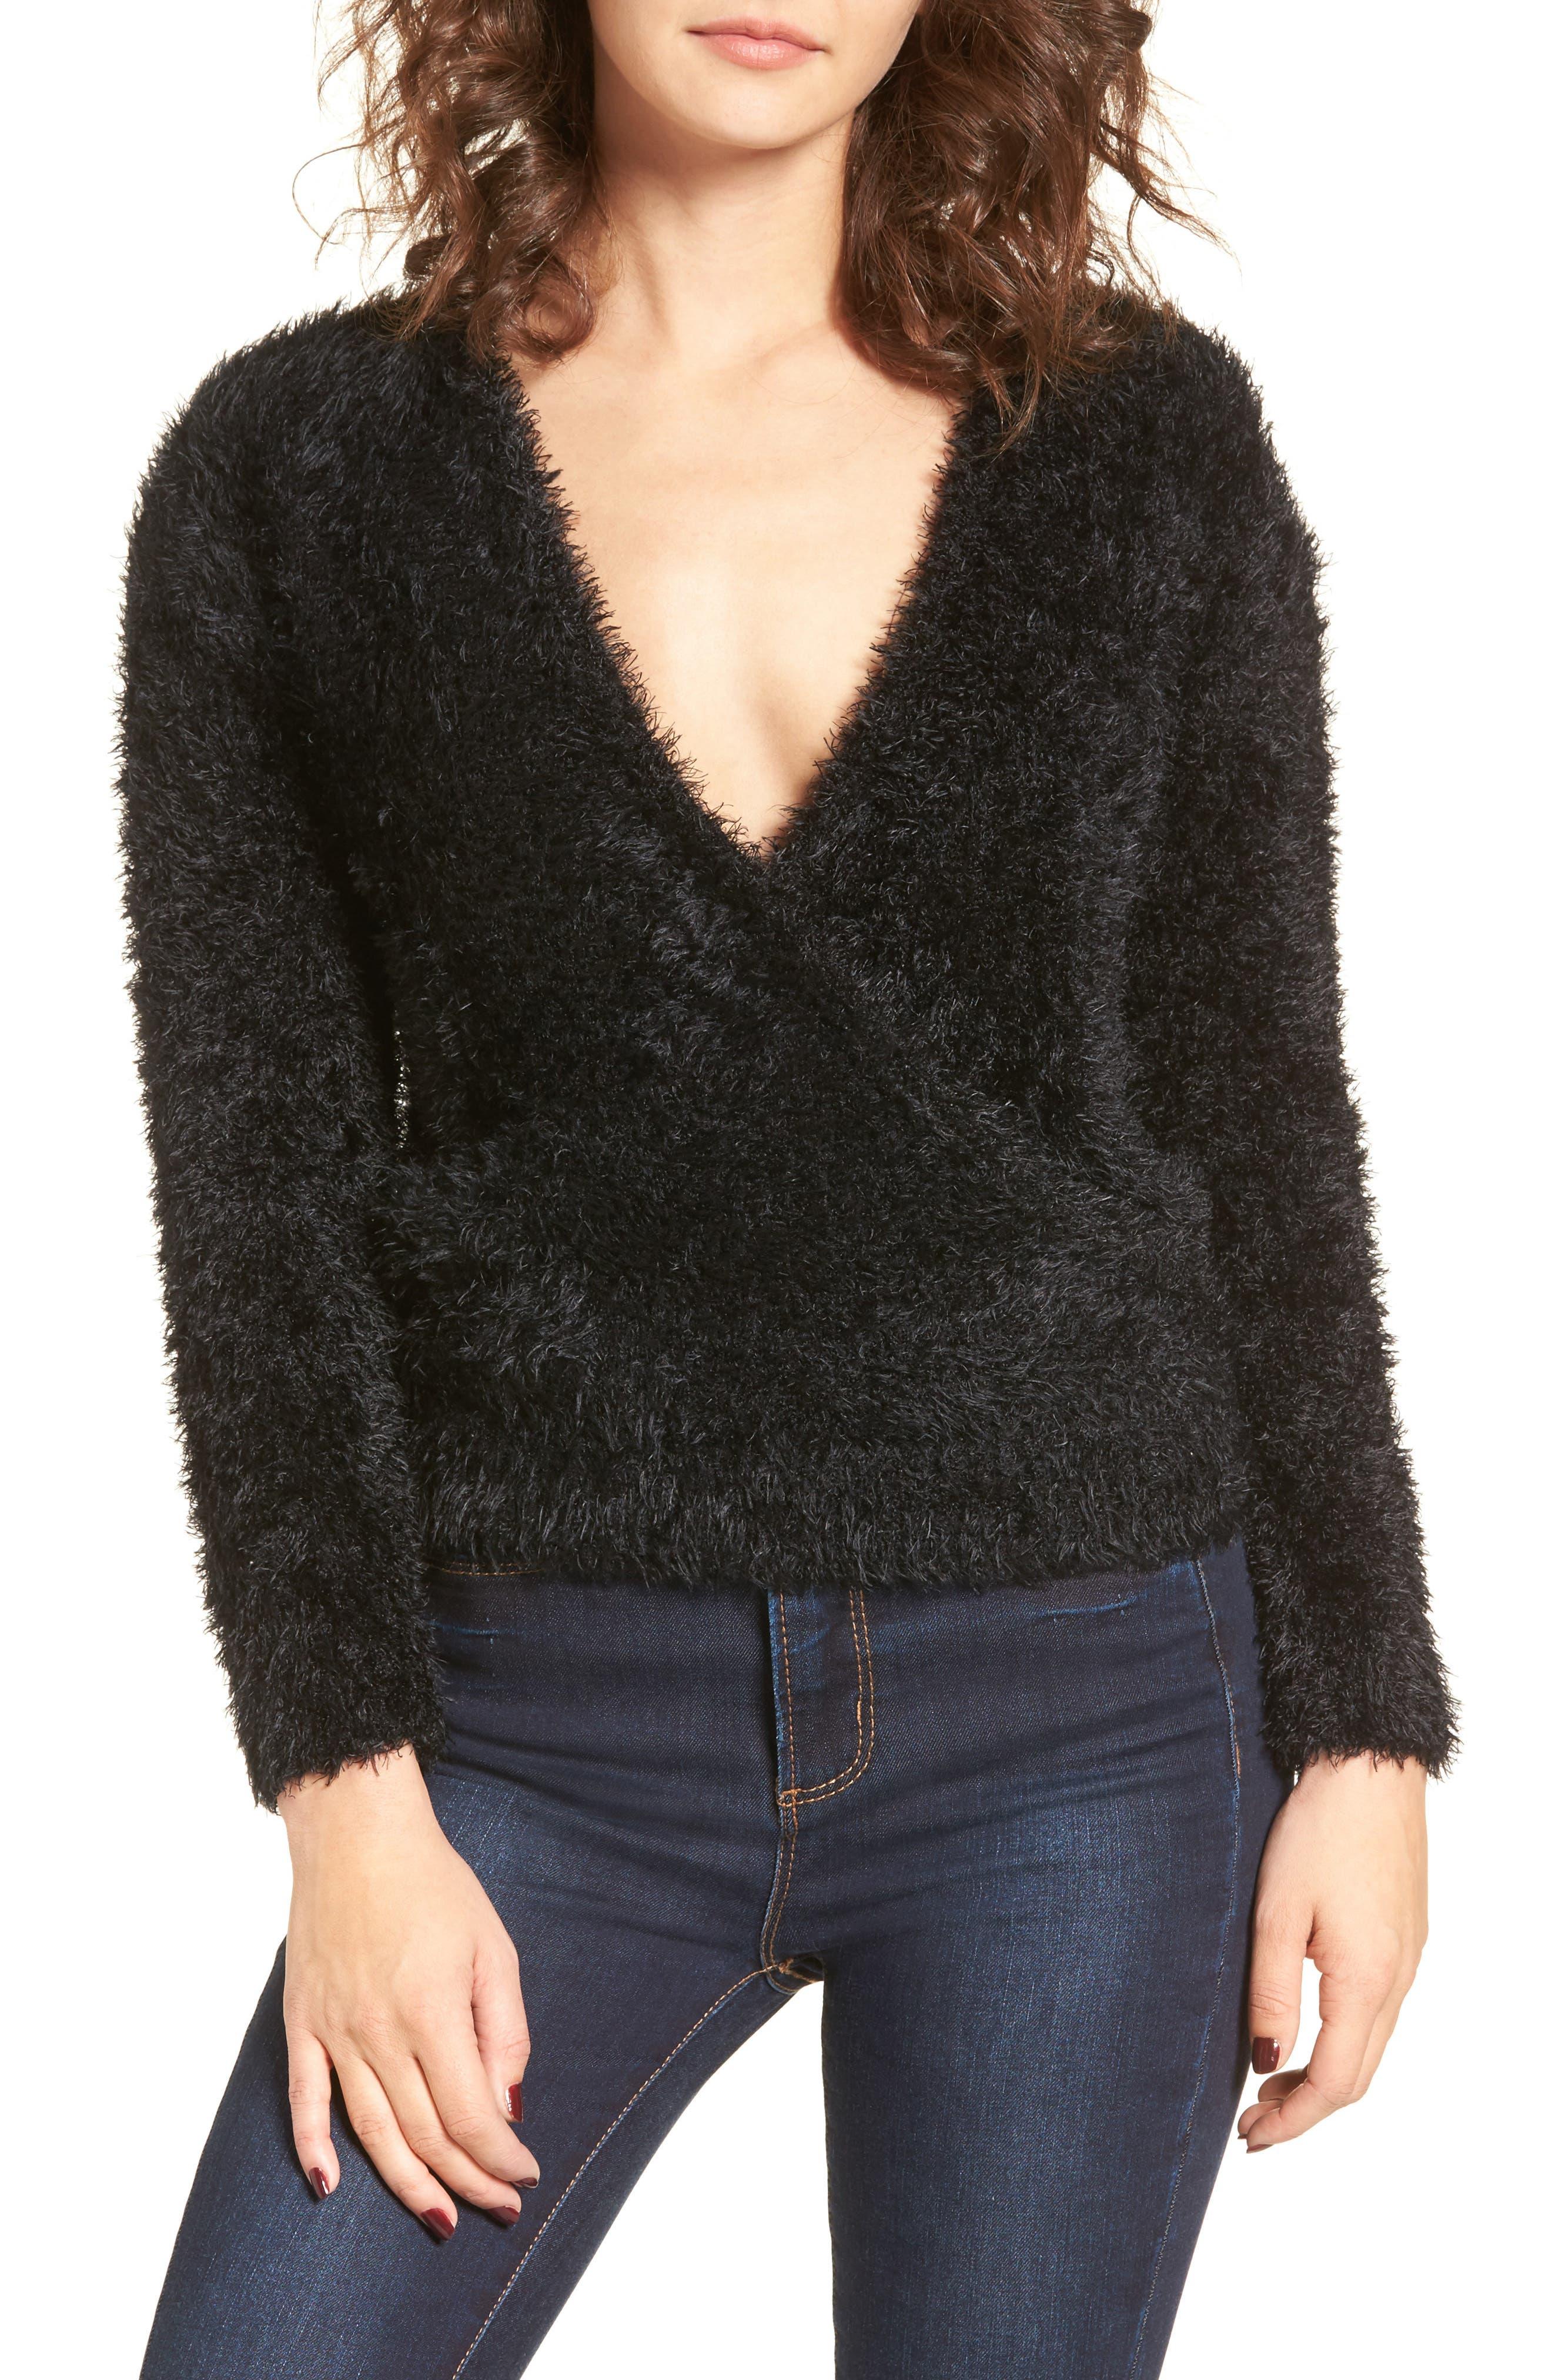 WAYF Fuzzy Surplice Sweater